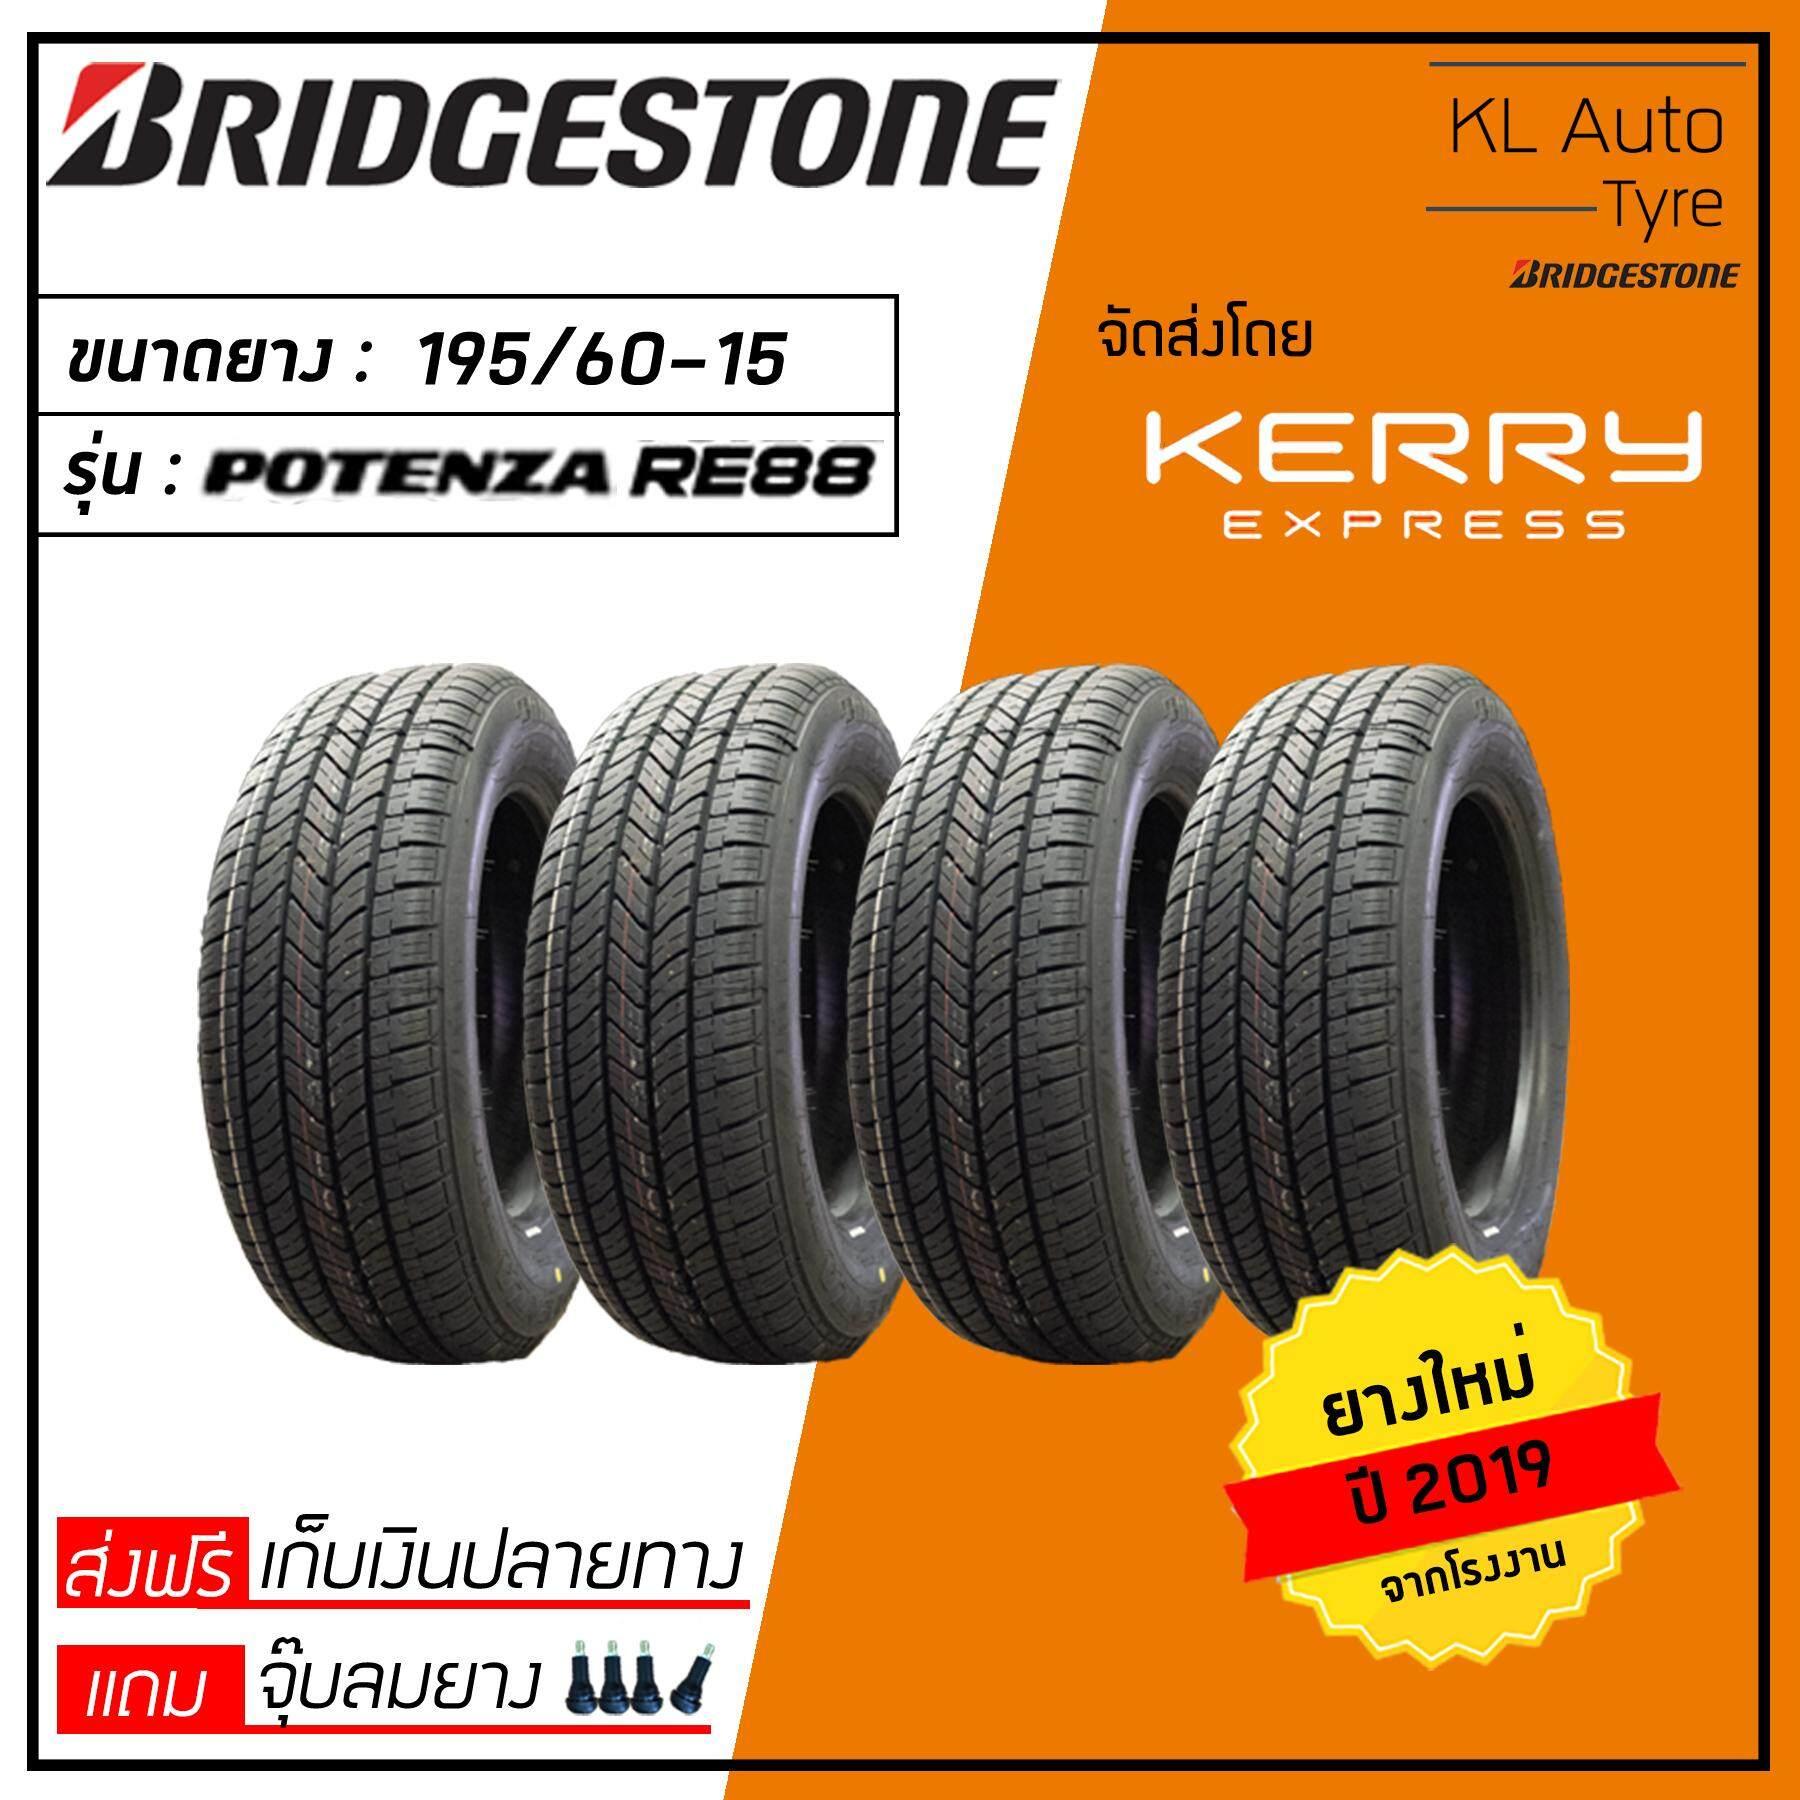 ประกันภัย รถยนต์ ชั้น 3 ราคา ถูก อำนาจเจริญ Bridgestone 195/60-15 RE88 4 เส้น ปี 19 (ฟรี จุ๊บยาง 4 ตัว มูลค่า 200 บาท)